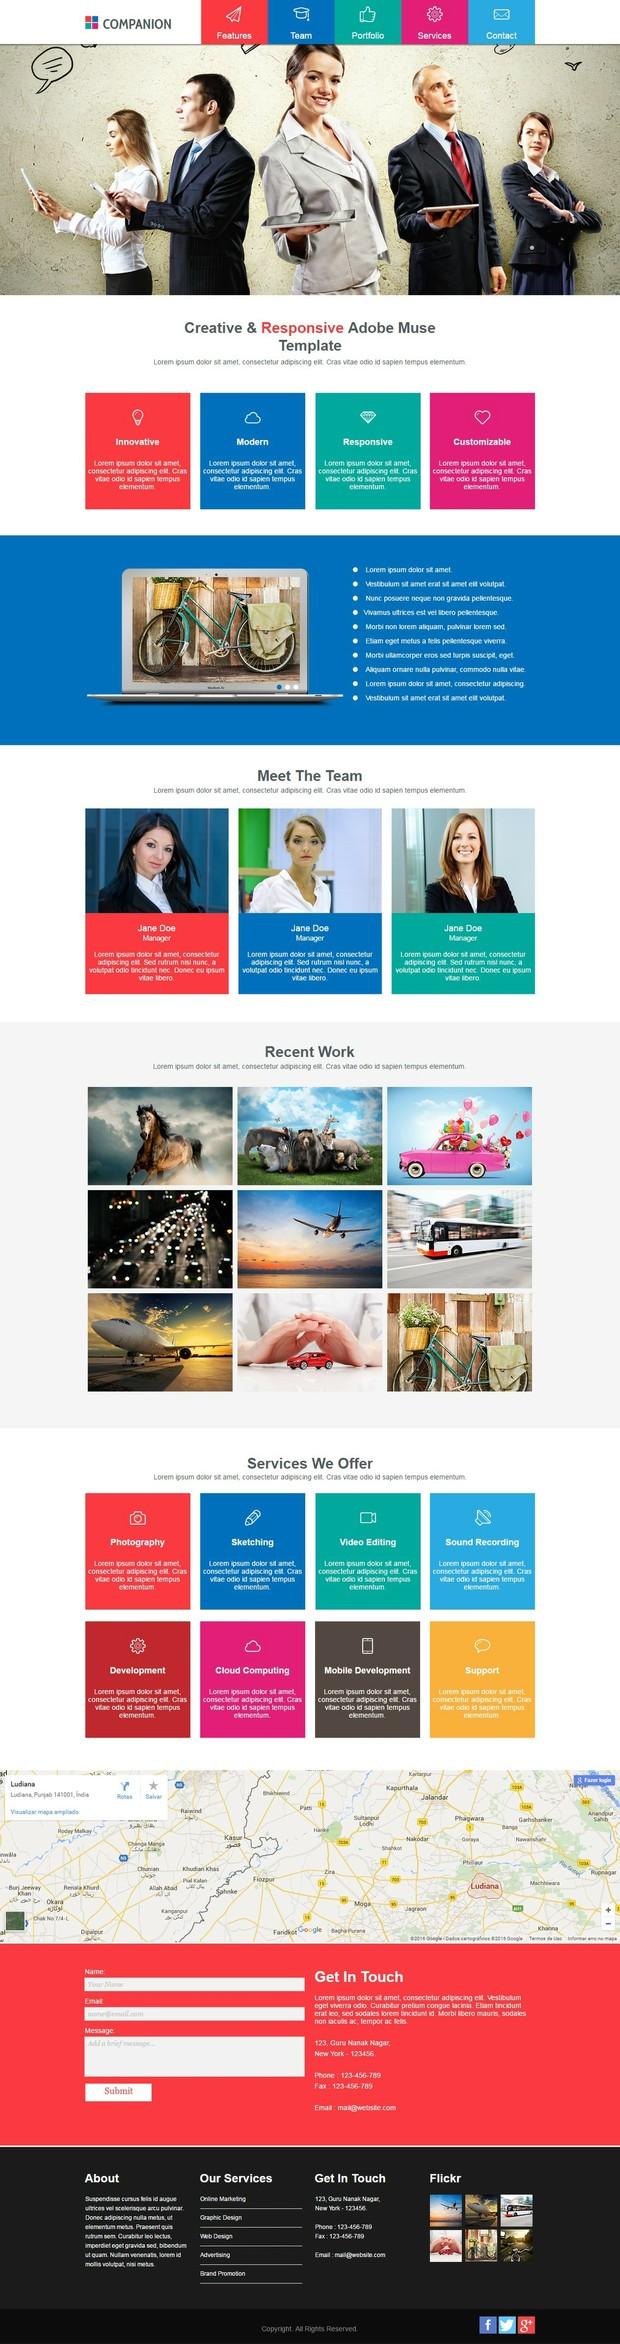 Companion - Creative e Responsive Adobe Muse